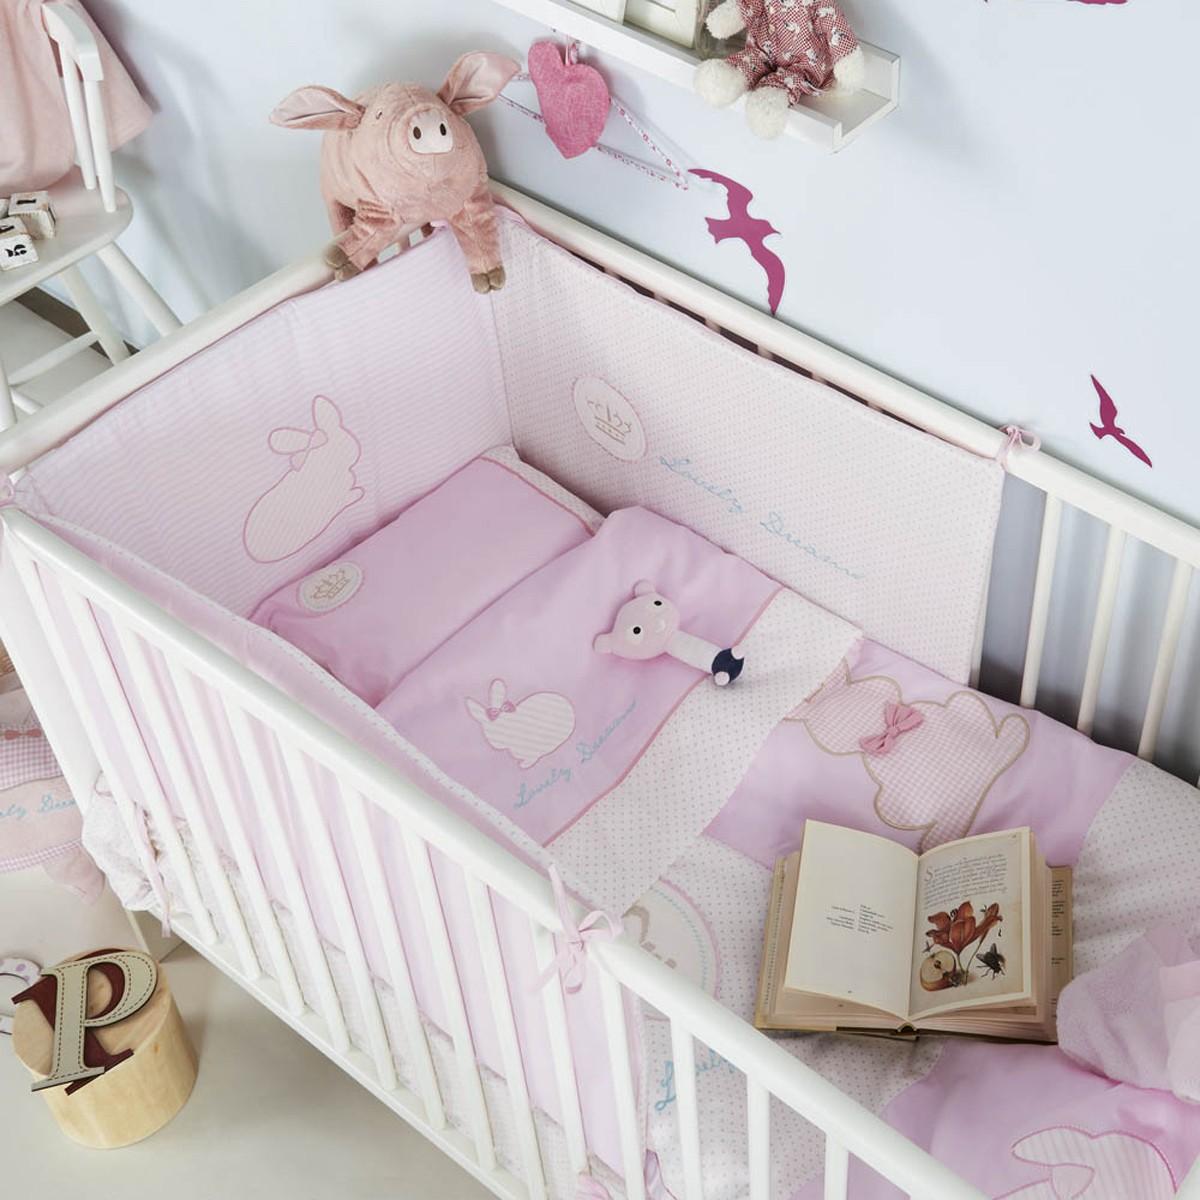 Σεντόνια Κούνιας (Σετ) Kentia Baby Rabbit 14